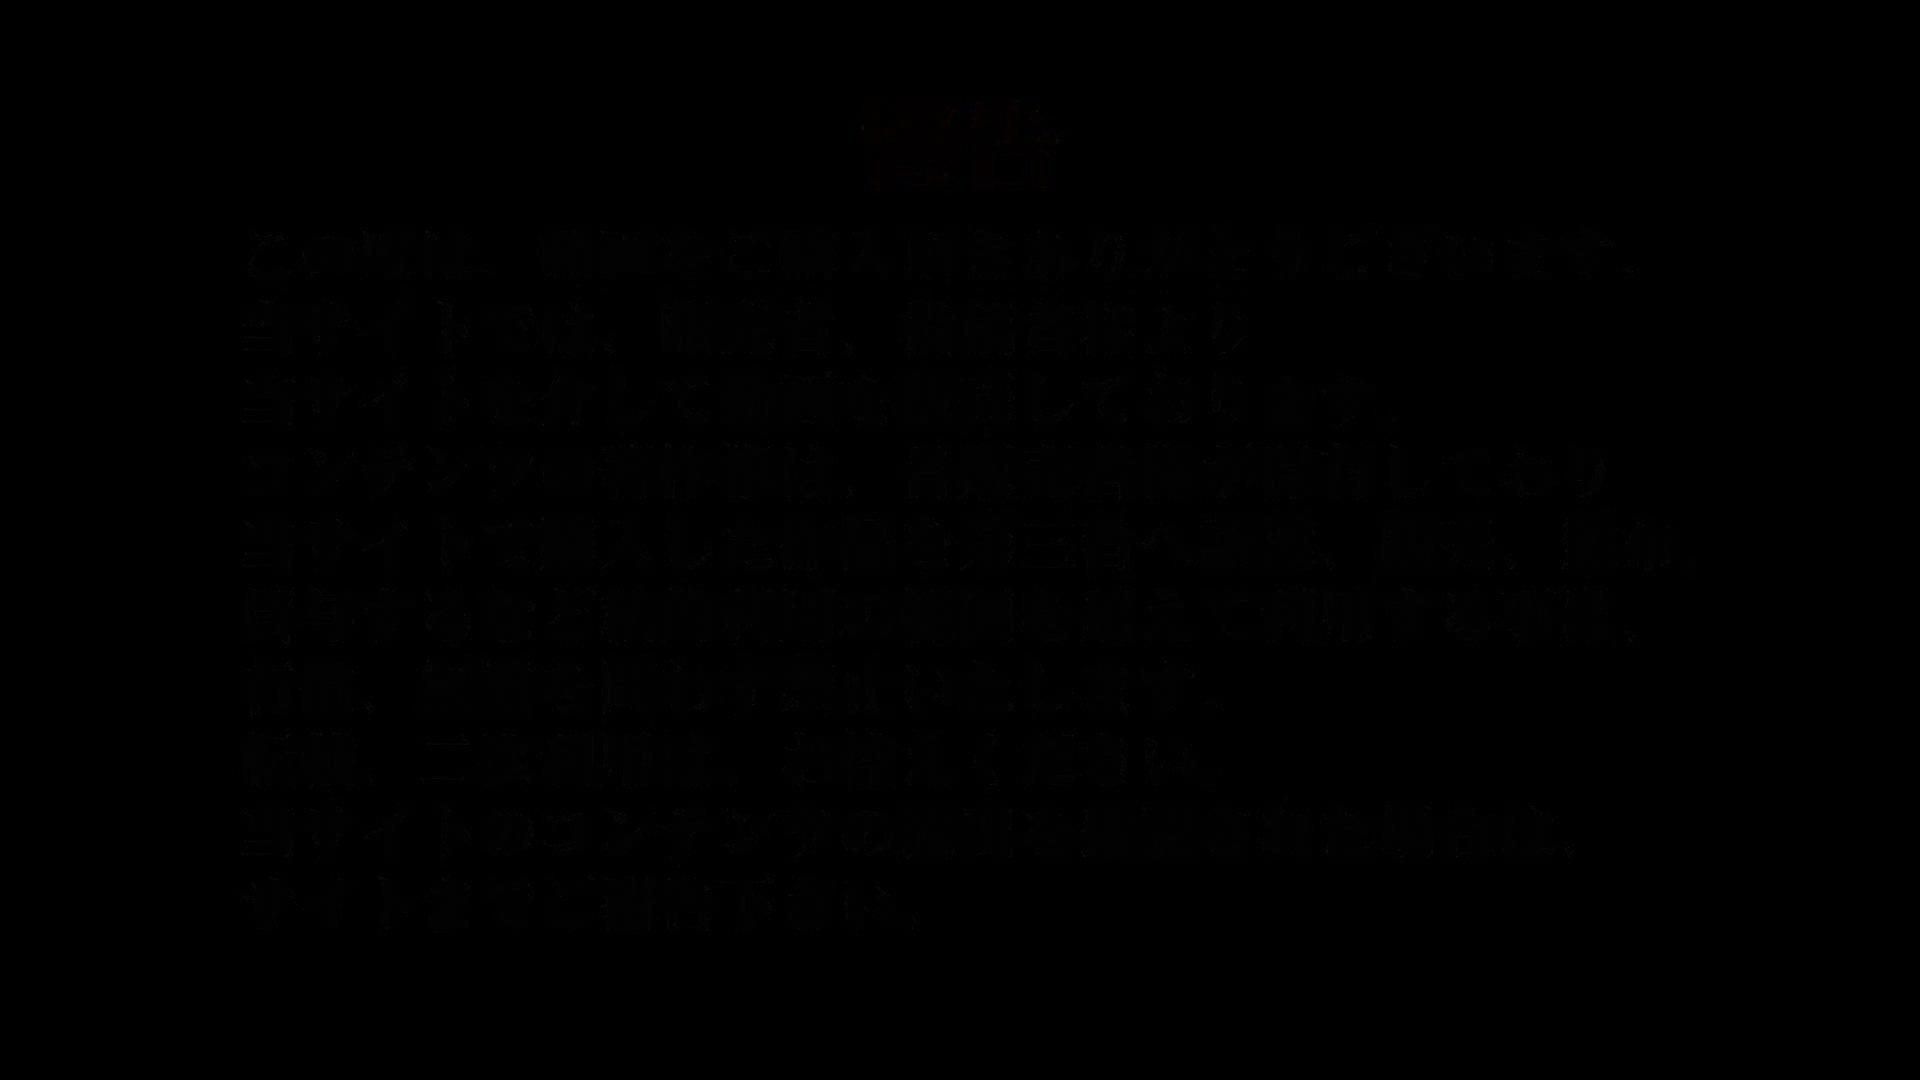 魂のかわや盗撮62連発! 肛門ピクピク嬢! 52発目! 盗撮大放出 ぱこり動画紹介 90連発 32